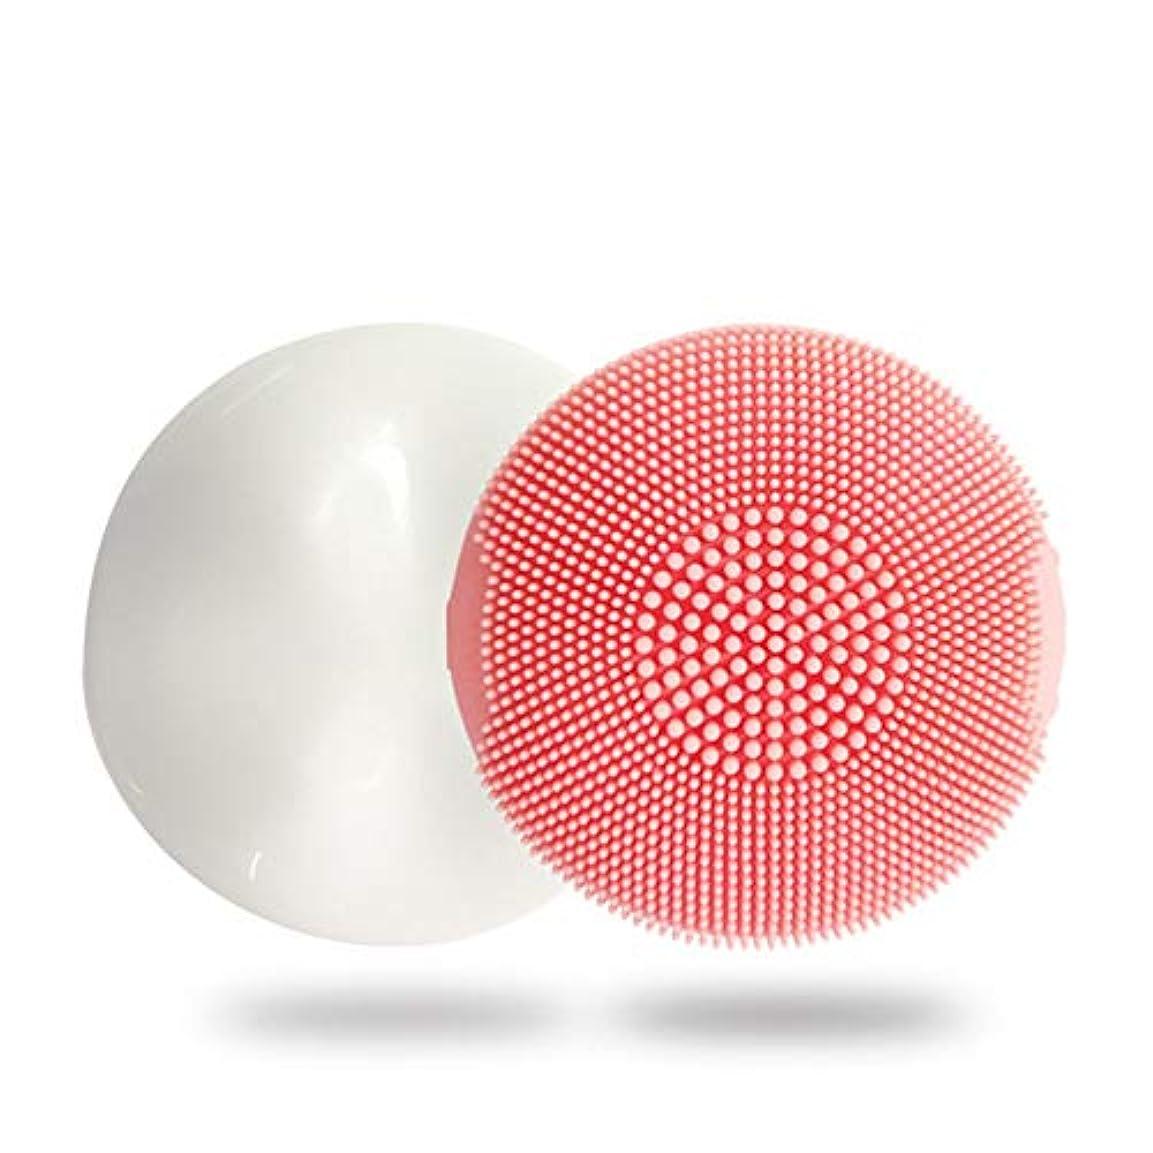 大宇宙アソシエイト予報ZXF 新電動シリコーンクレンジングブラシディープクリーニングポア防水超音波振動クレンジング楽器マッサージ器具美容器具 滑らかである (色 : Pink)